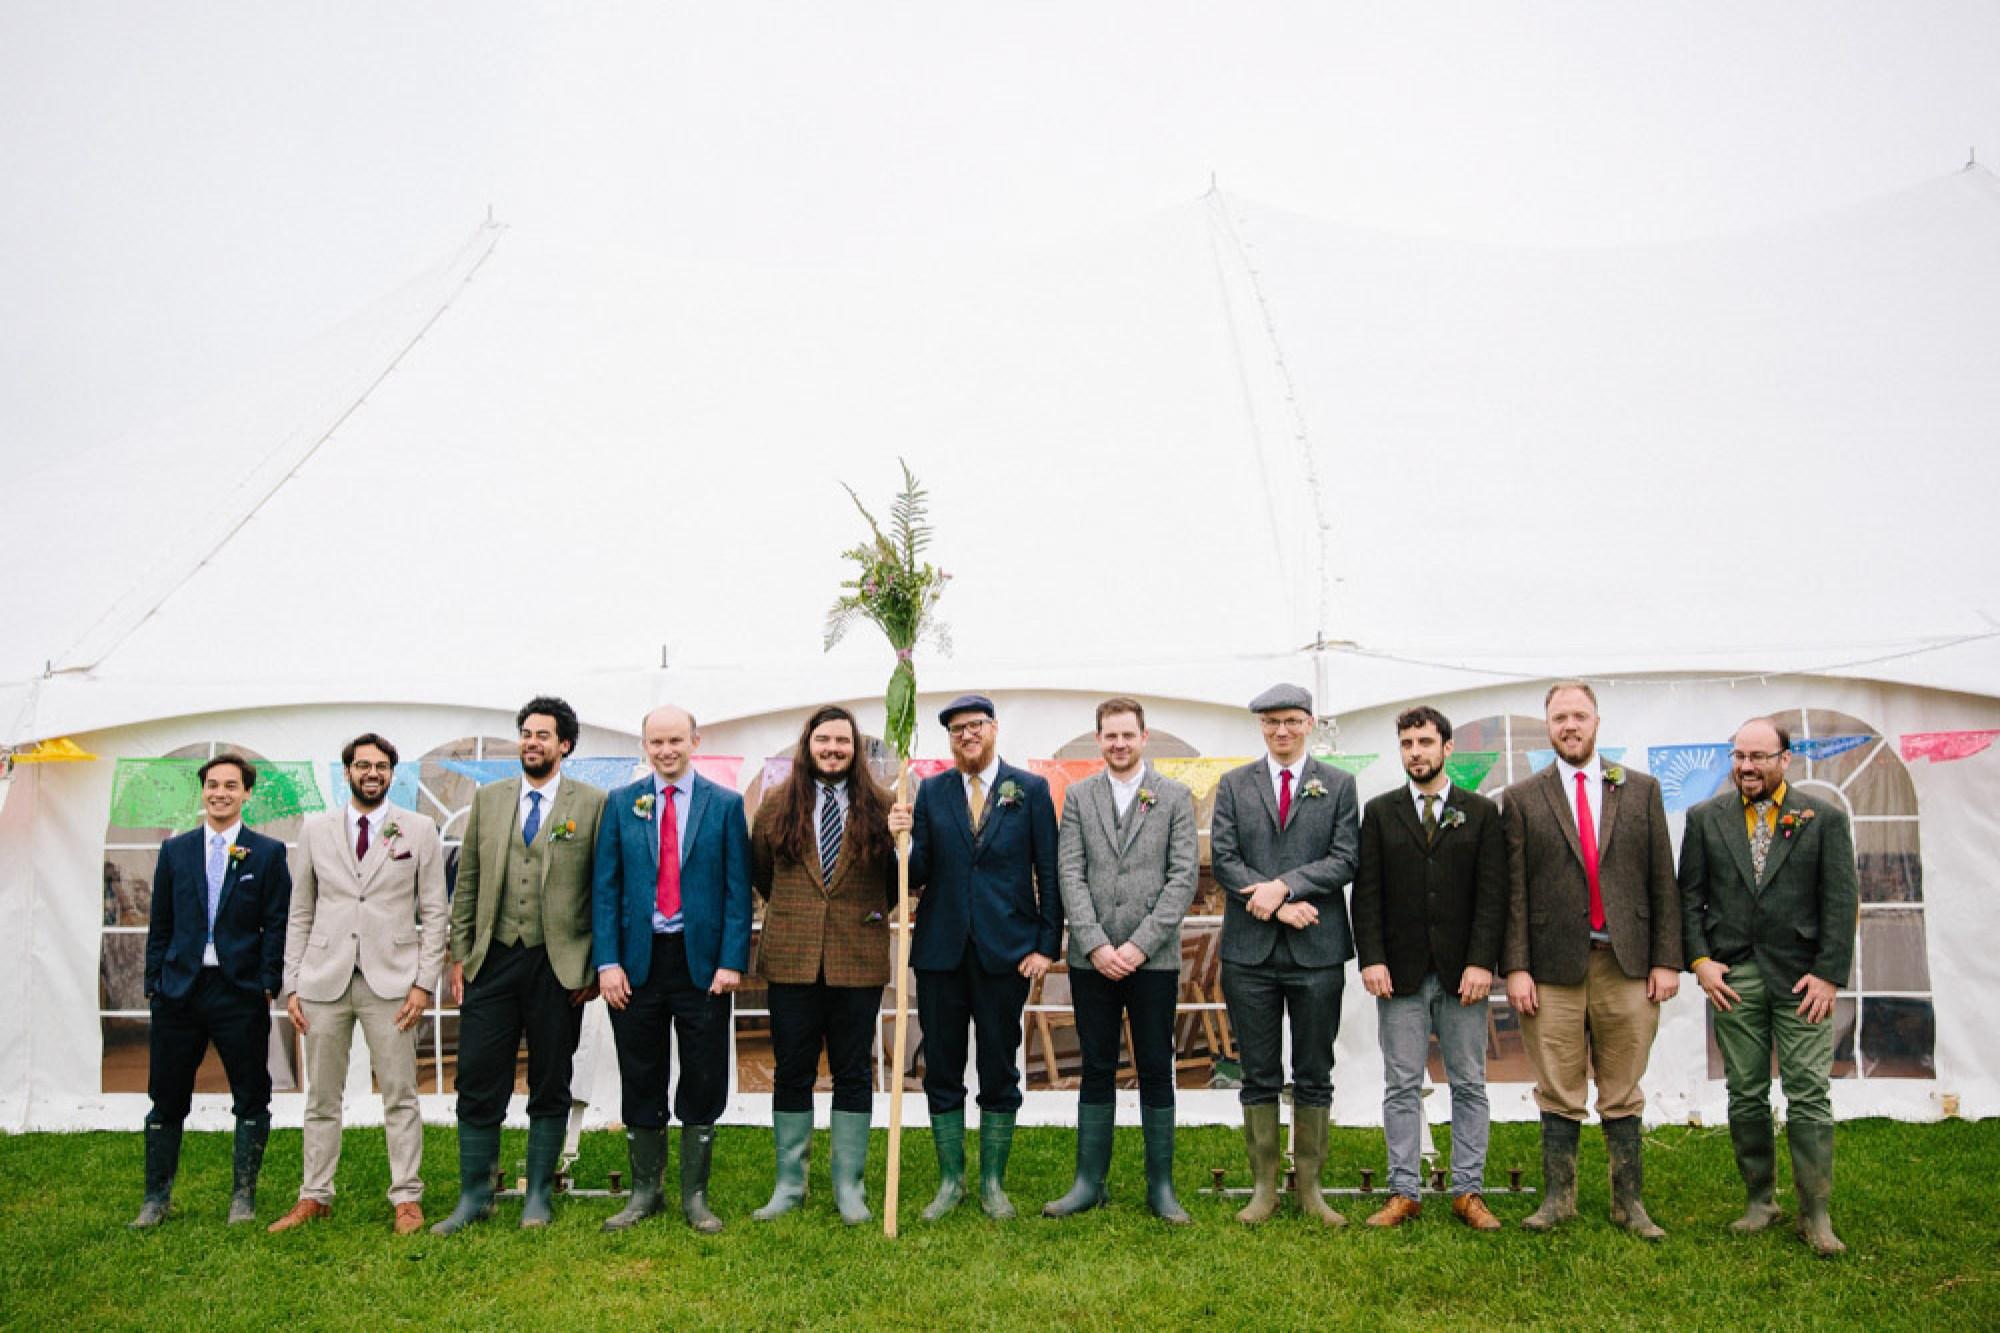 Steve and his groomsmen